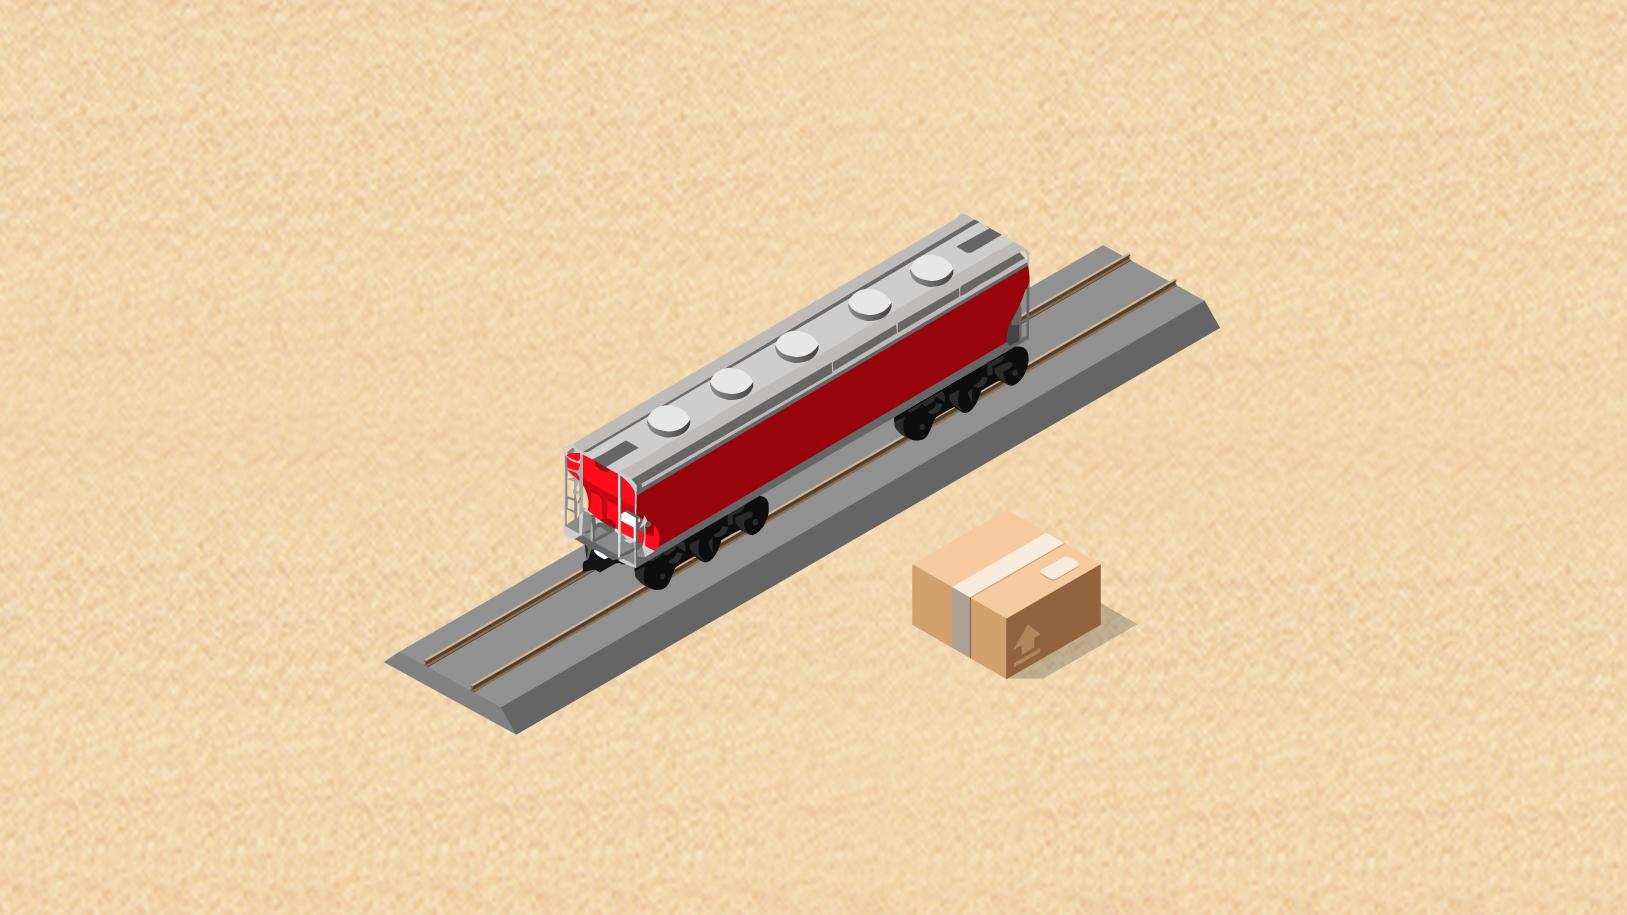 您的快递正在成雅铁路上,请注意查收!